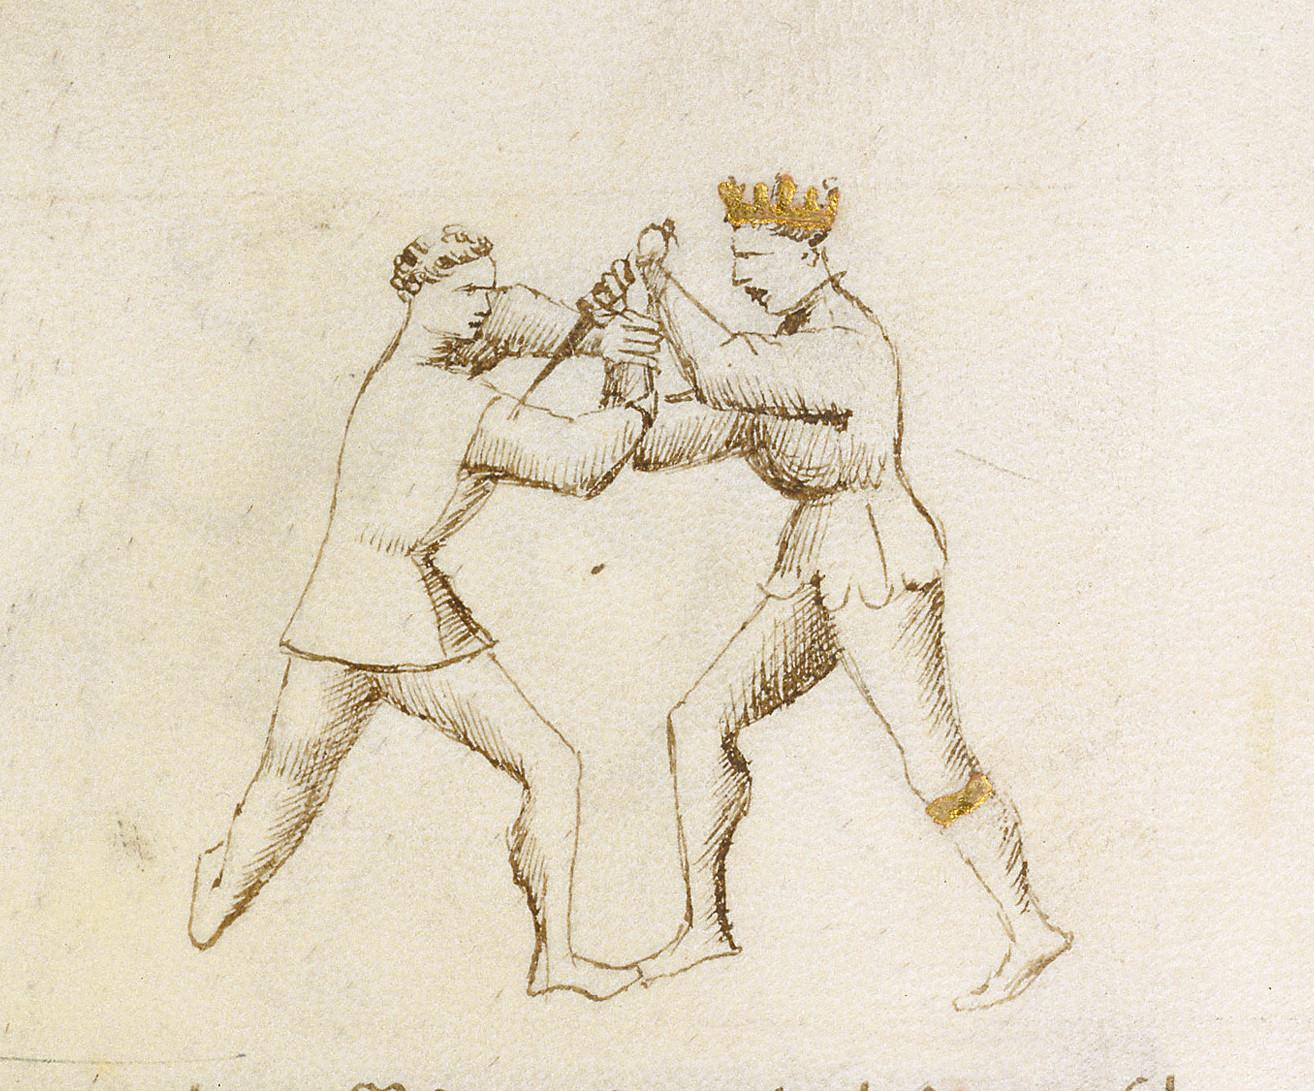 immagine tratta dal fior di battaglia raffigurante zugadore e magistro remedio alle prese con un gioco di daga